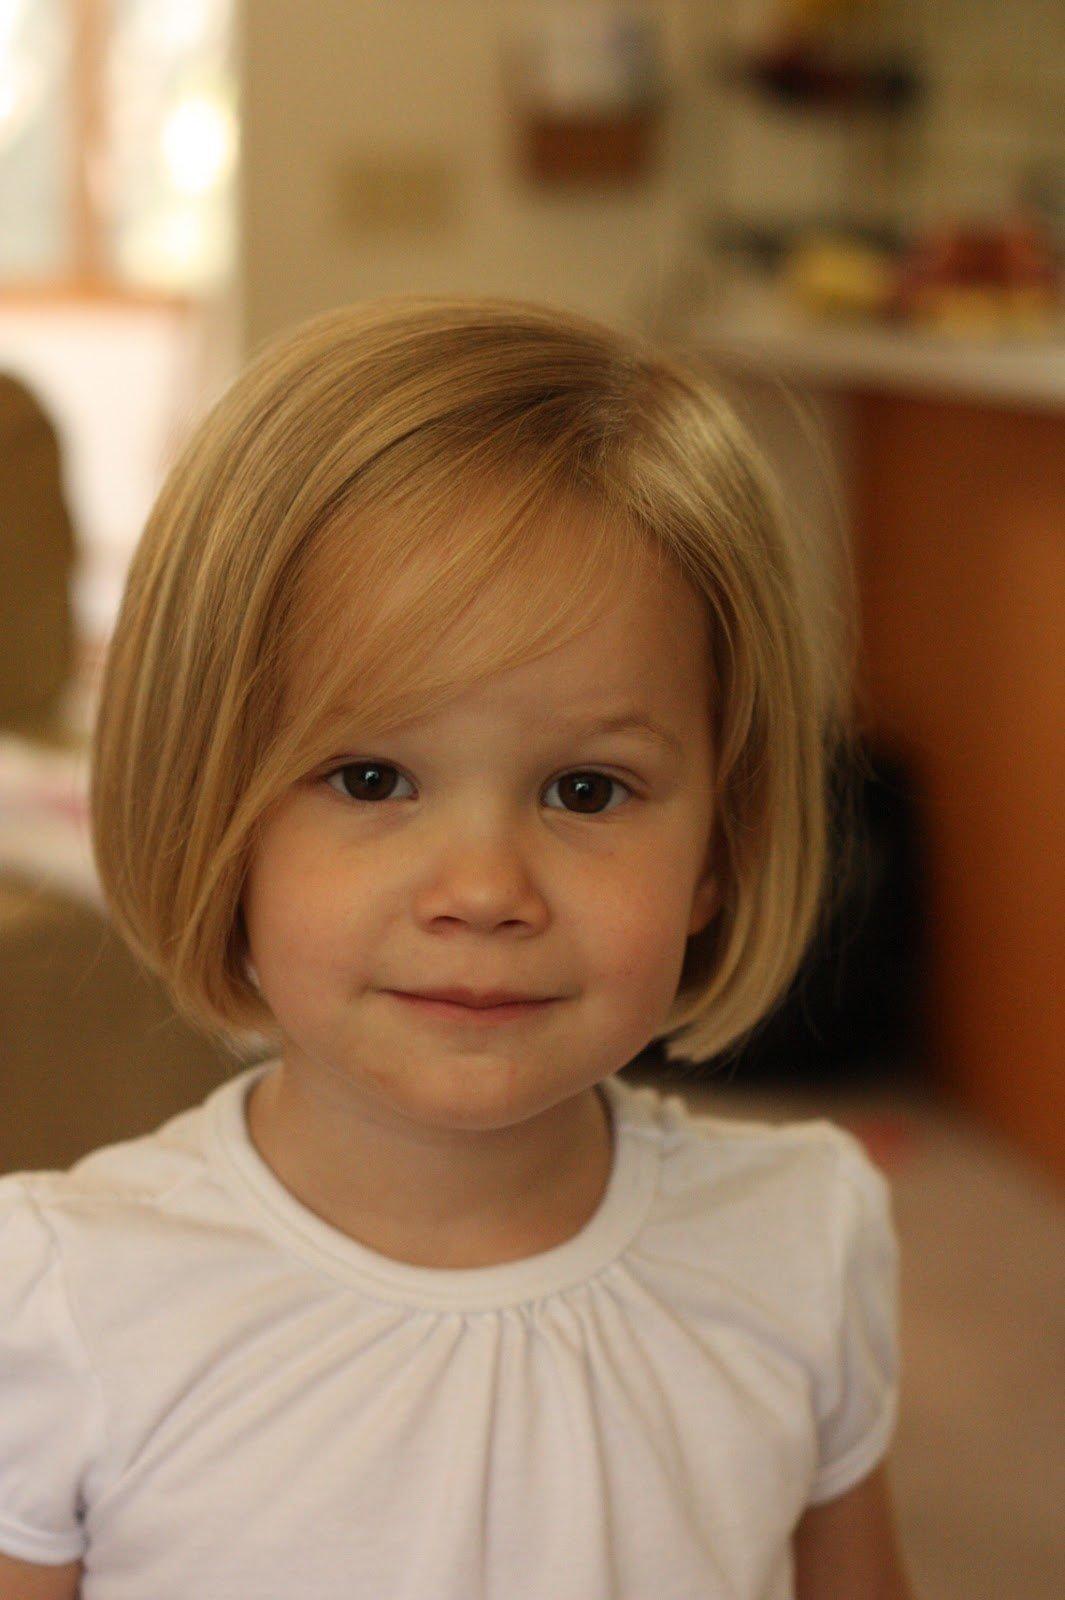 Стрижки для детей девочек в 2 года фото